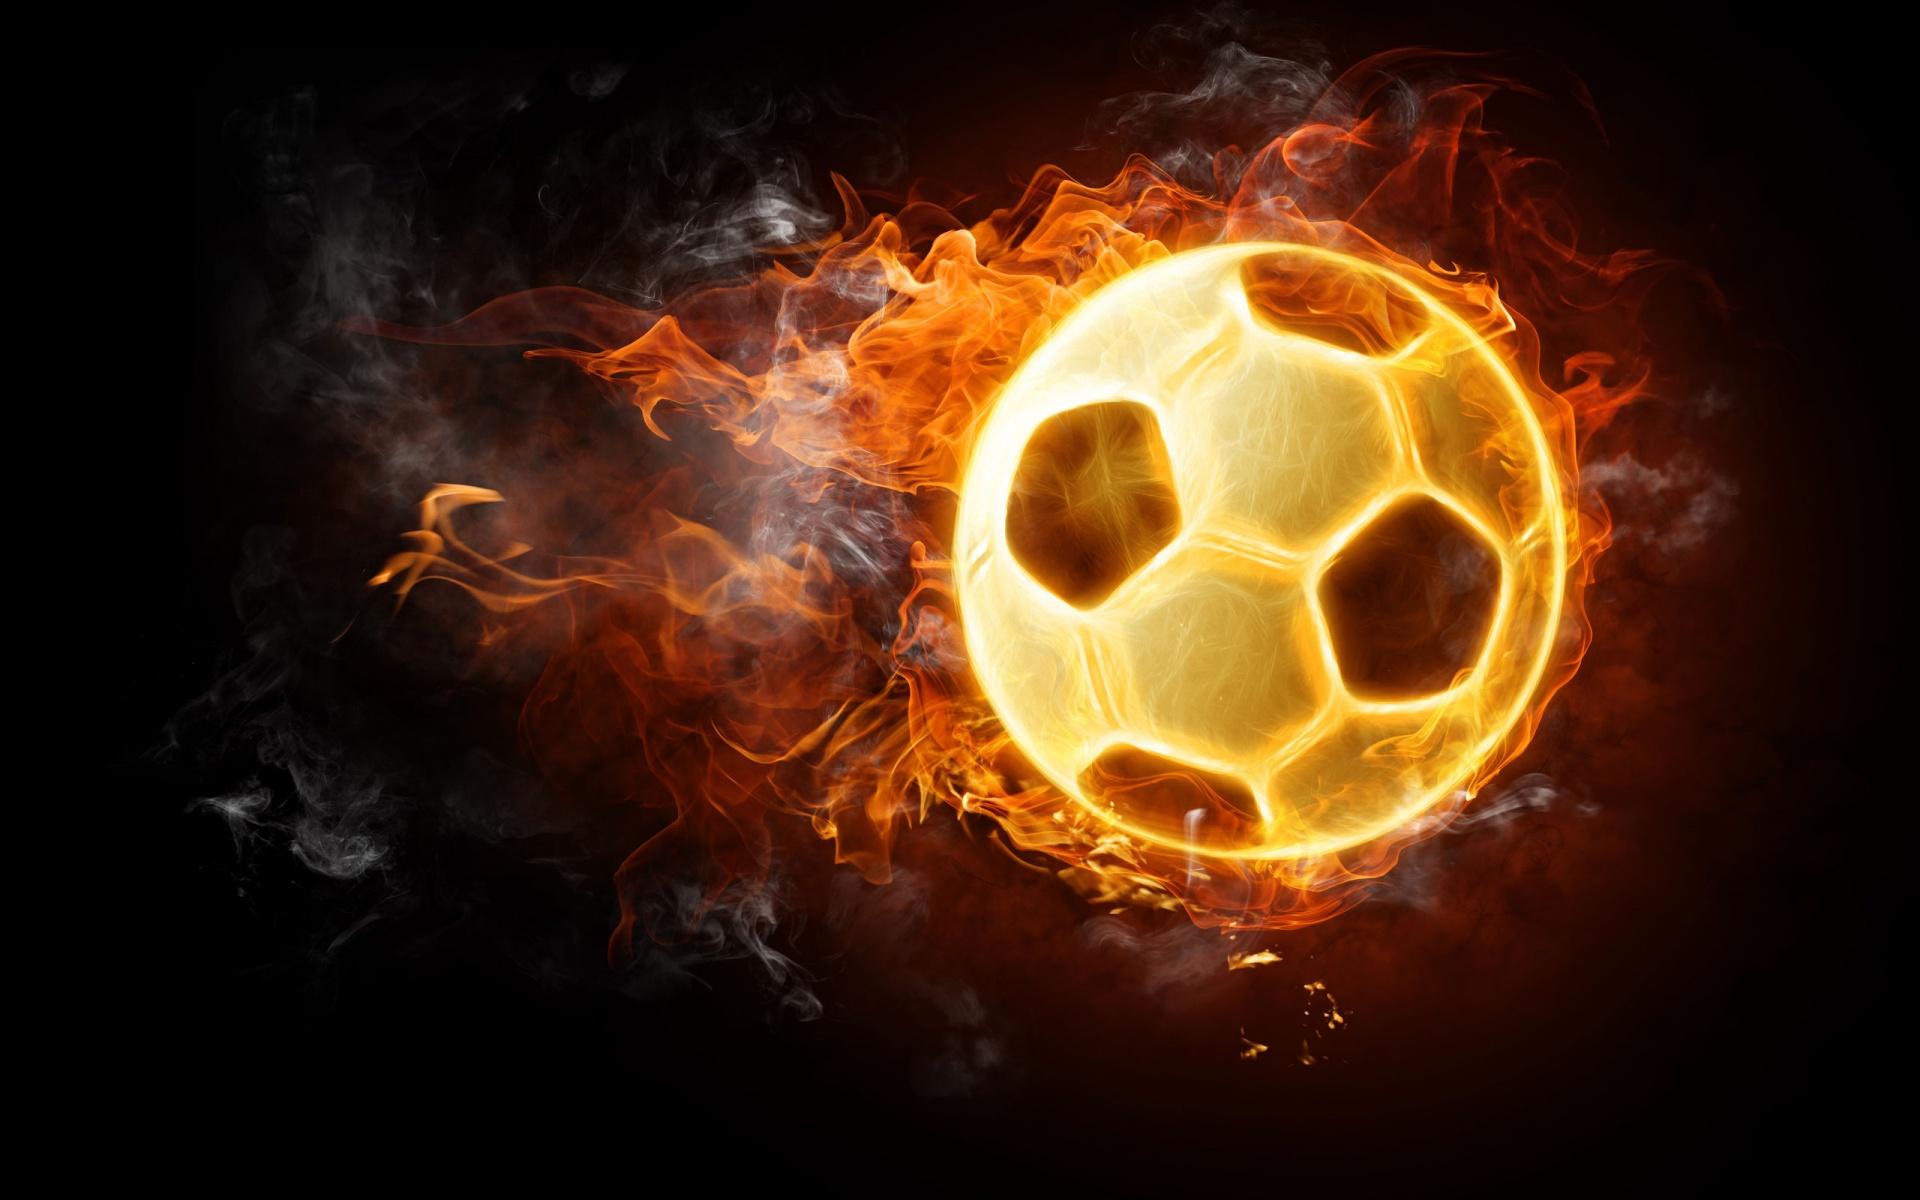 Burning Soccer Ball Wallpaper in 1920x1200 Widescreen